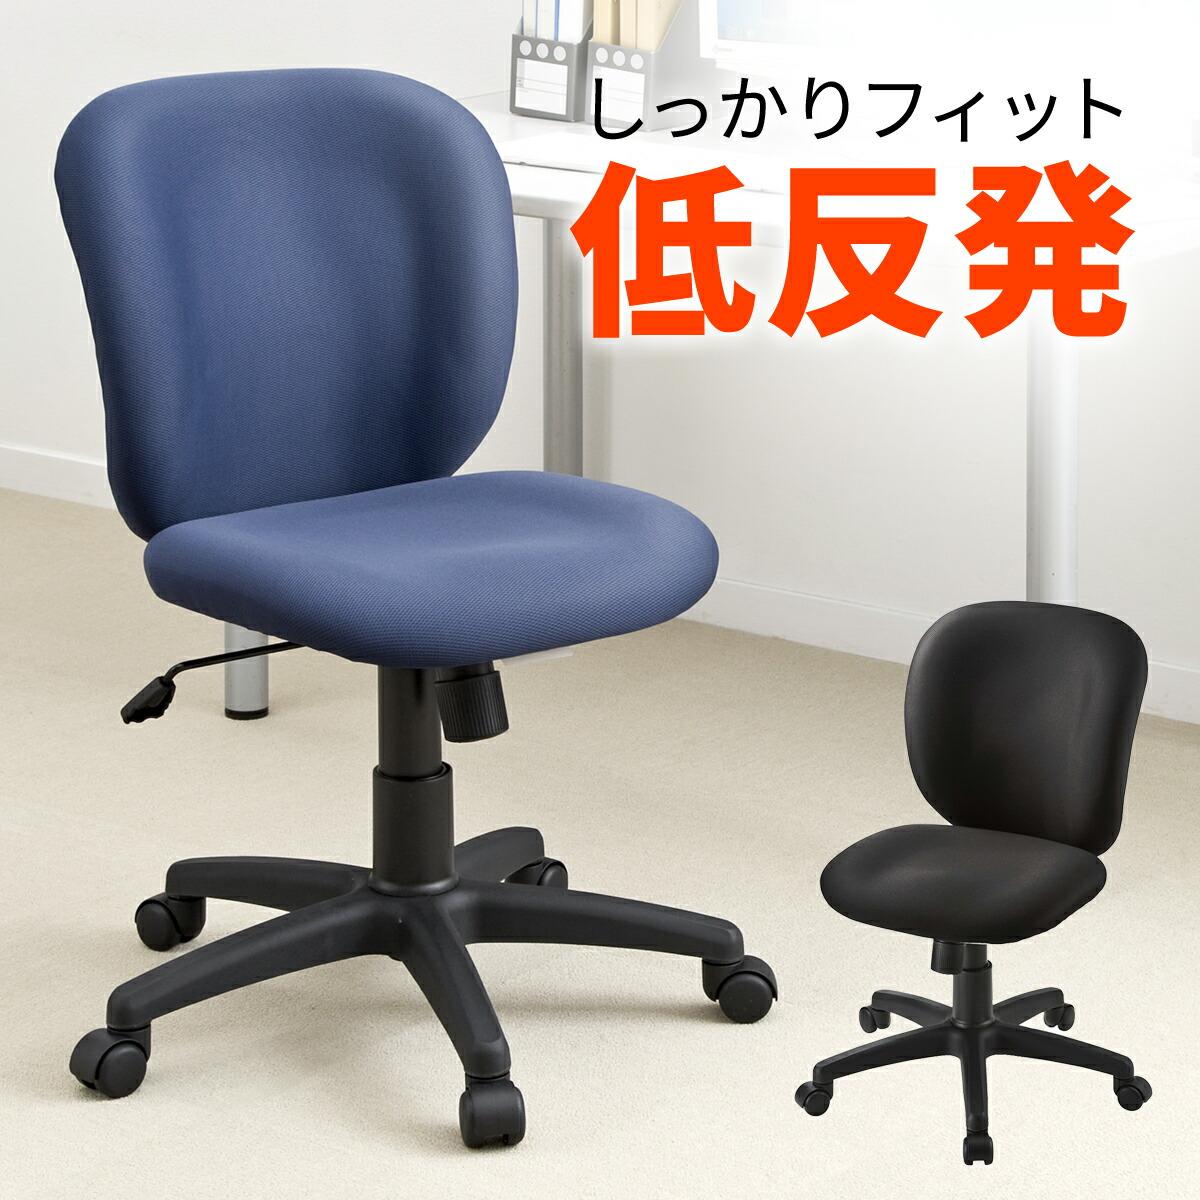 オフィスチェア 低反発クッション ロッキング キャスター 事務椅子 学習椅子 ブラック ブルー [100-SNC031]【サンワダイレクト限定品】